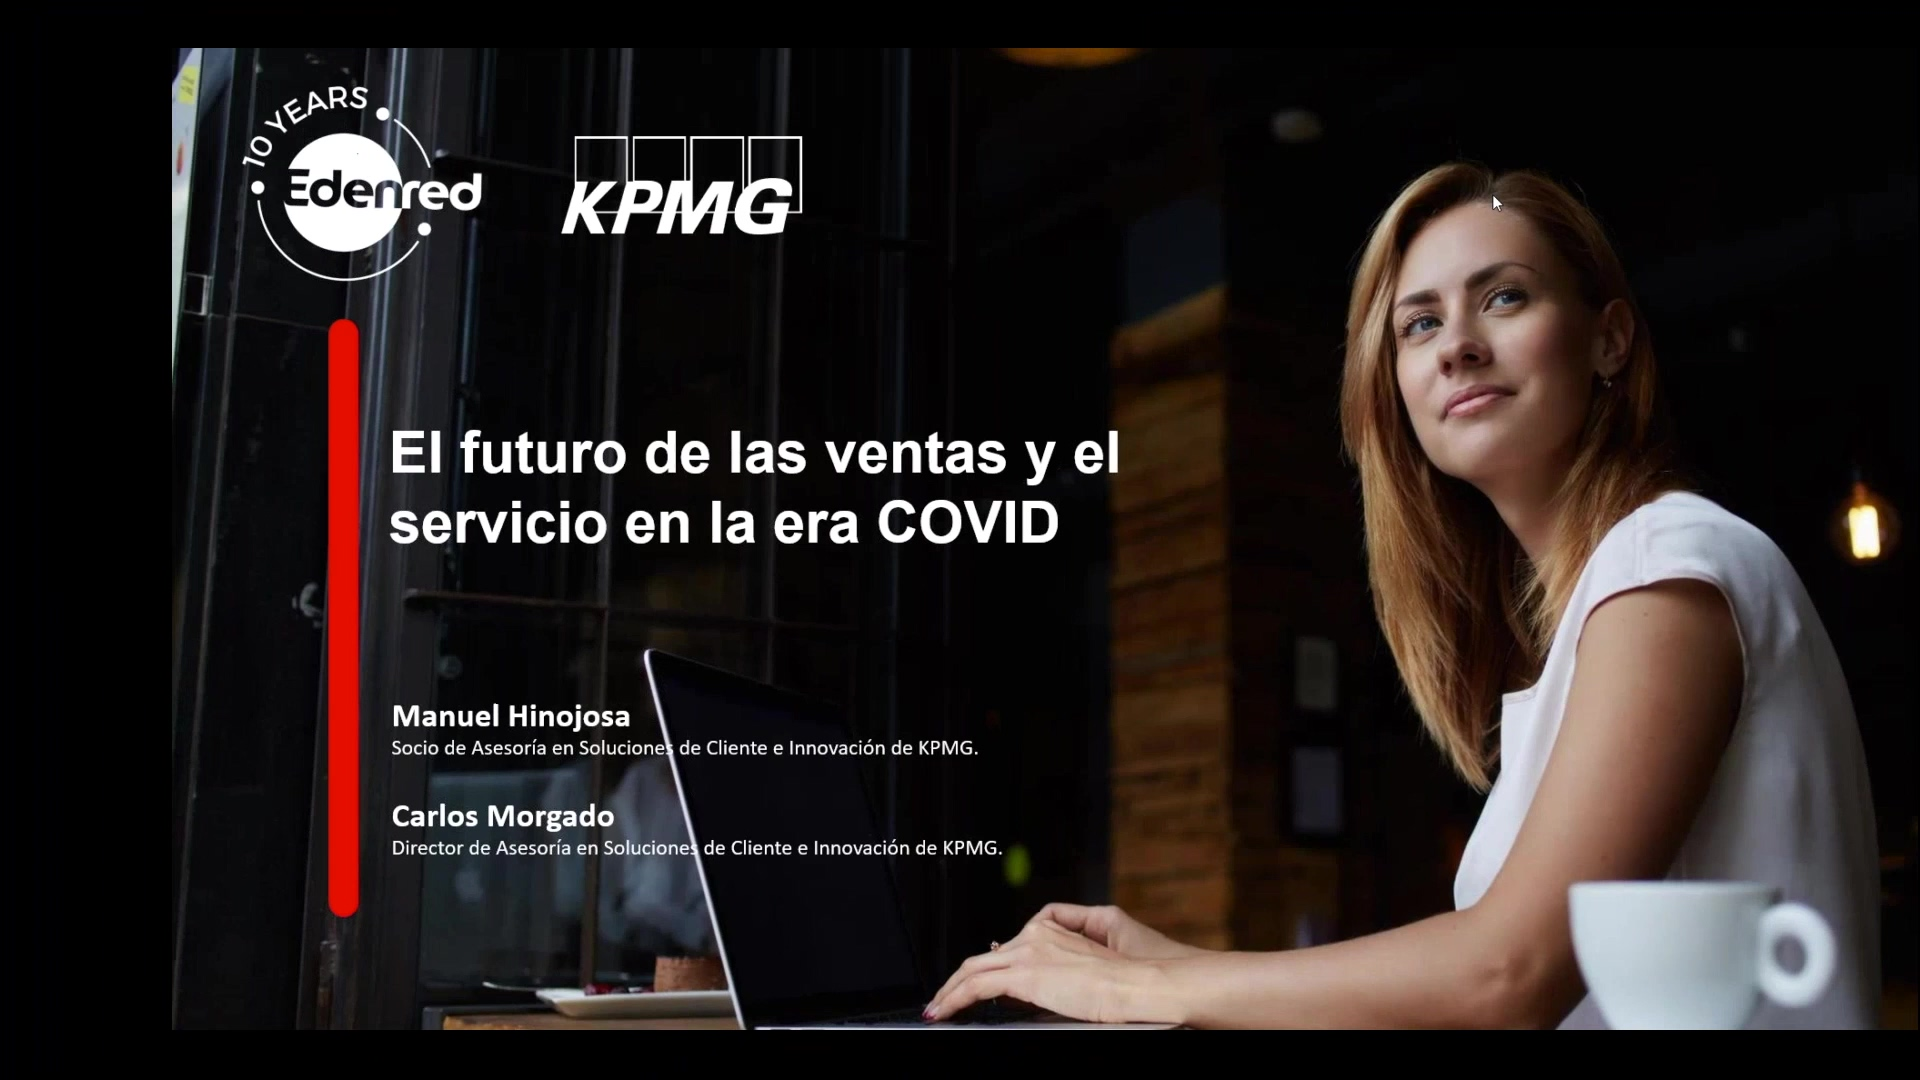 Clip el futuro de las ventas y el servicio en la era COVID